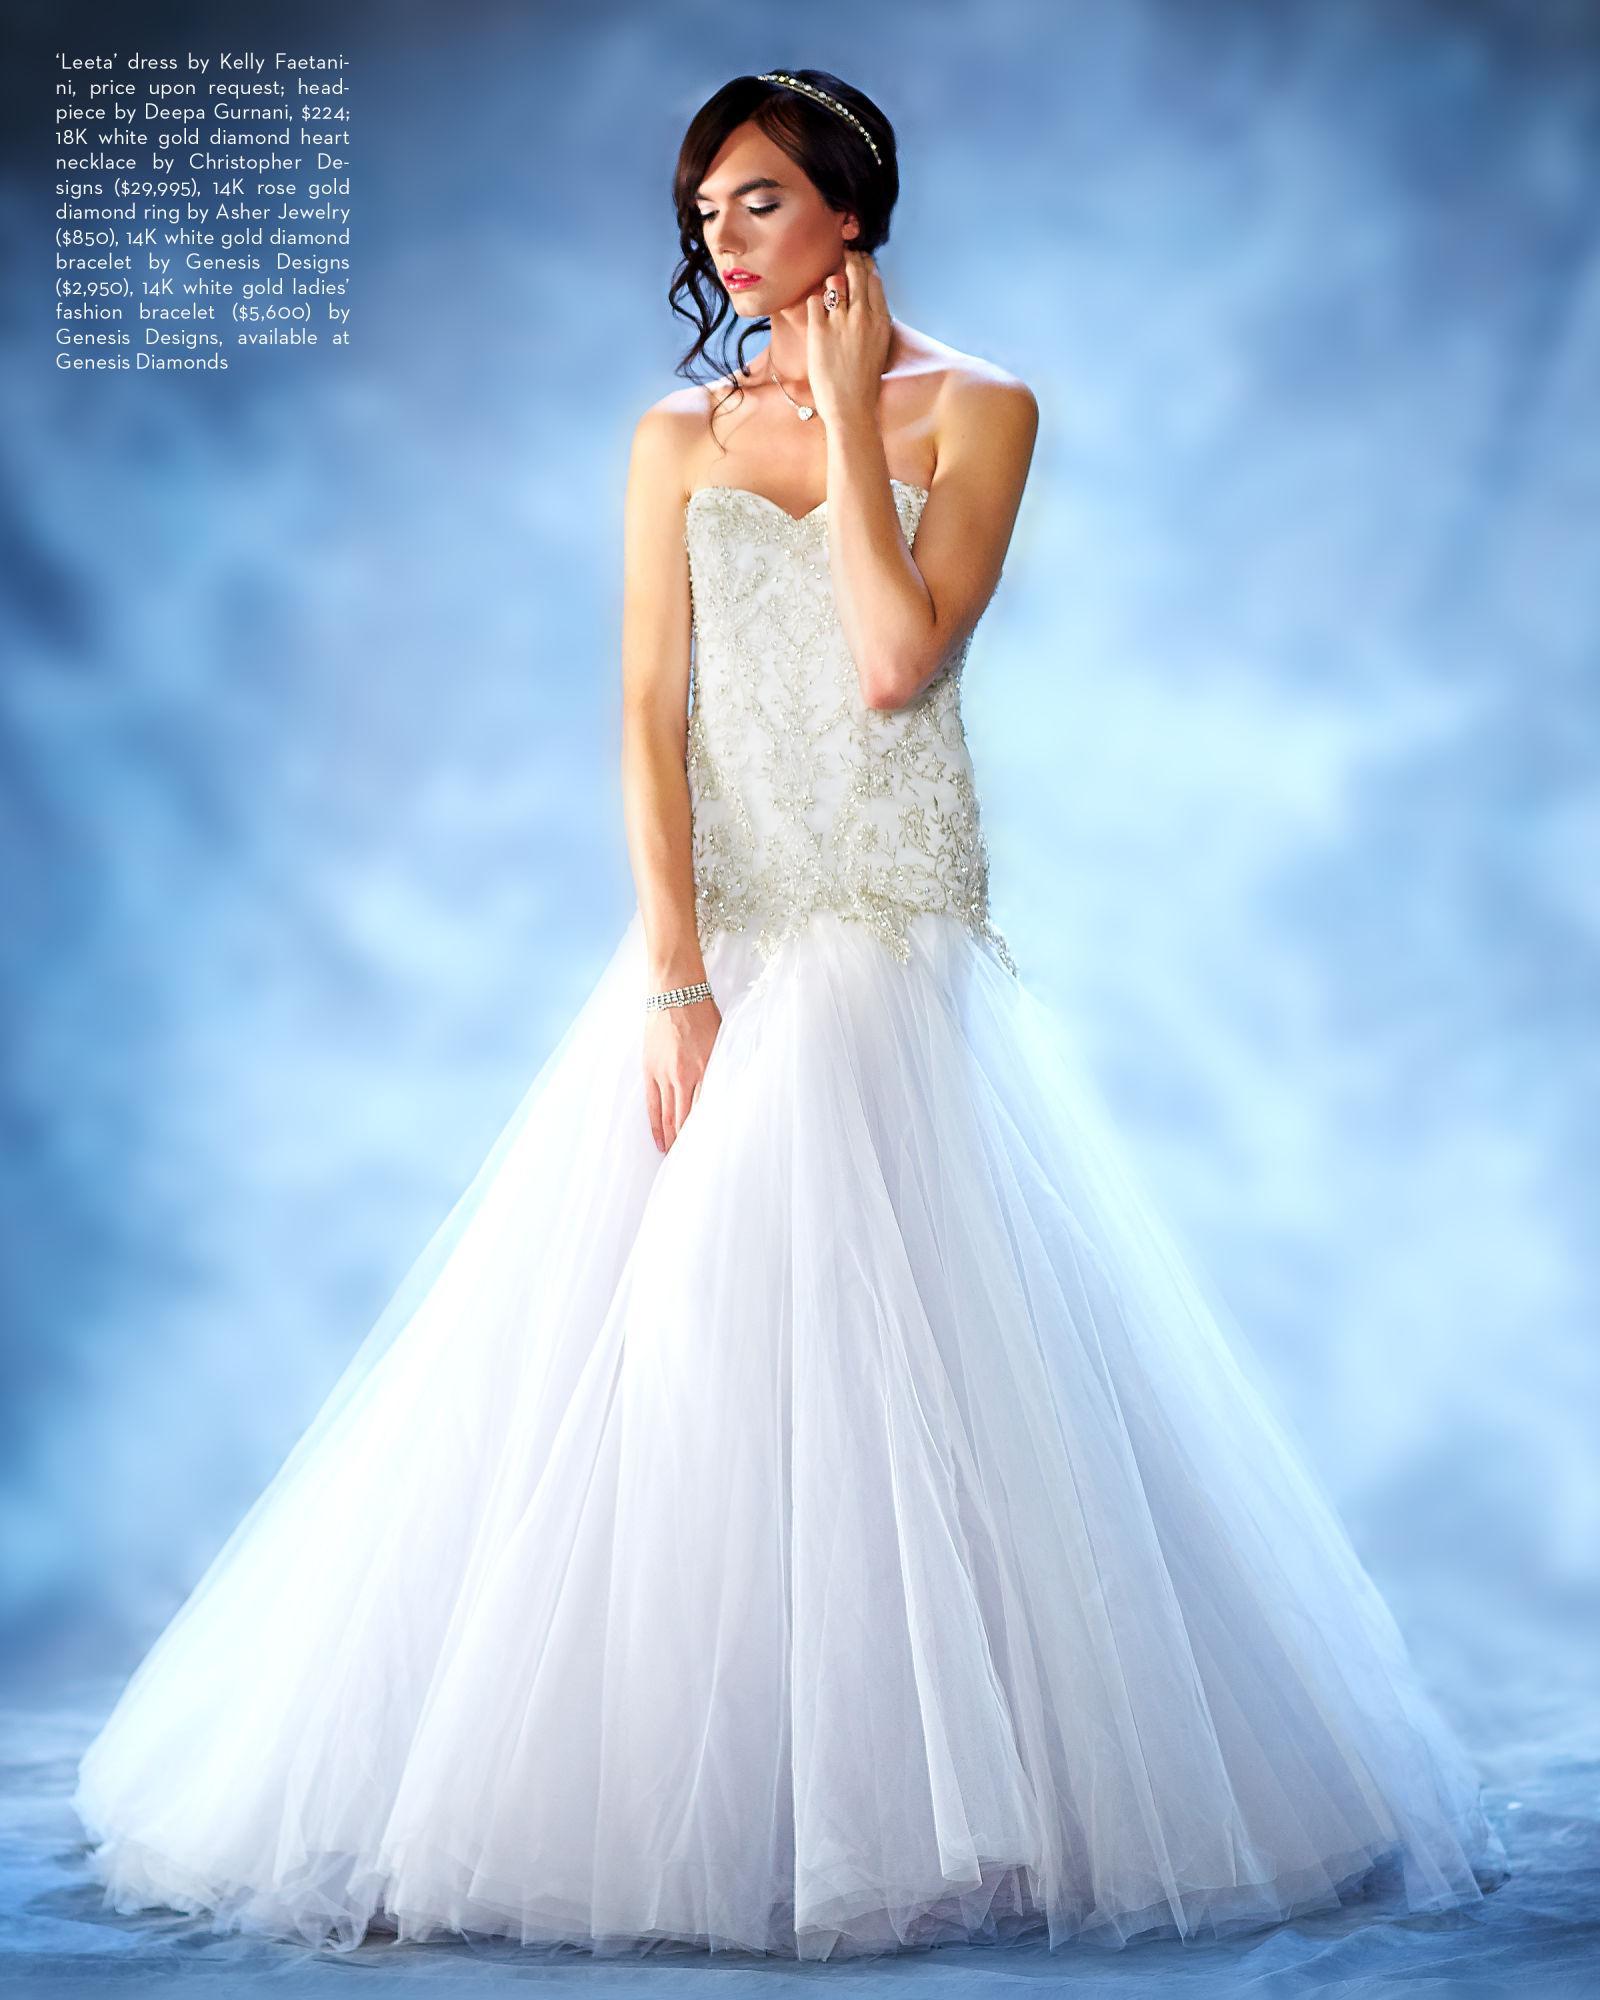 Love Inc. magazine does amazing androgynous wedding shoot ...